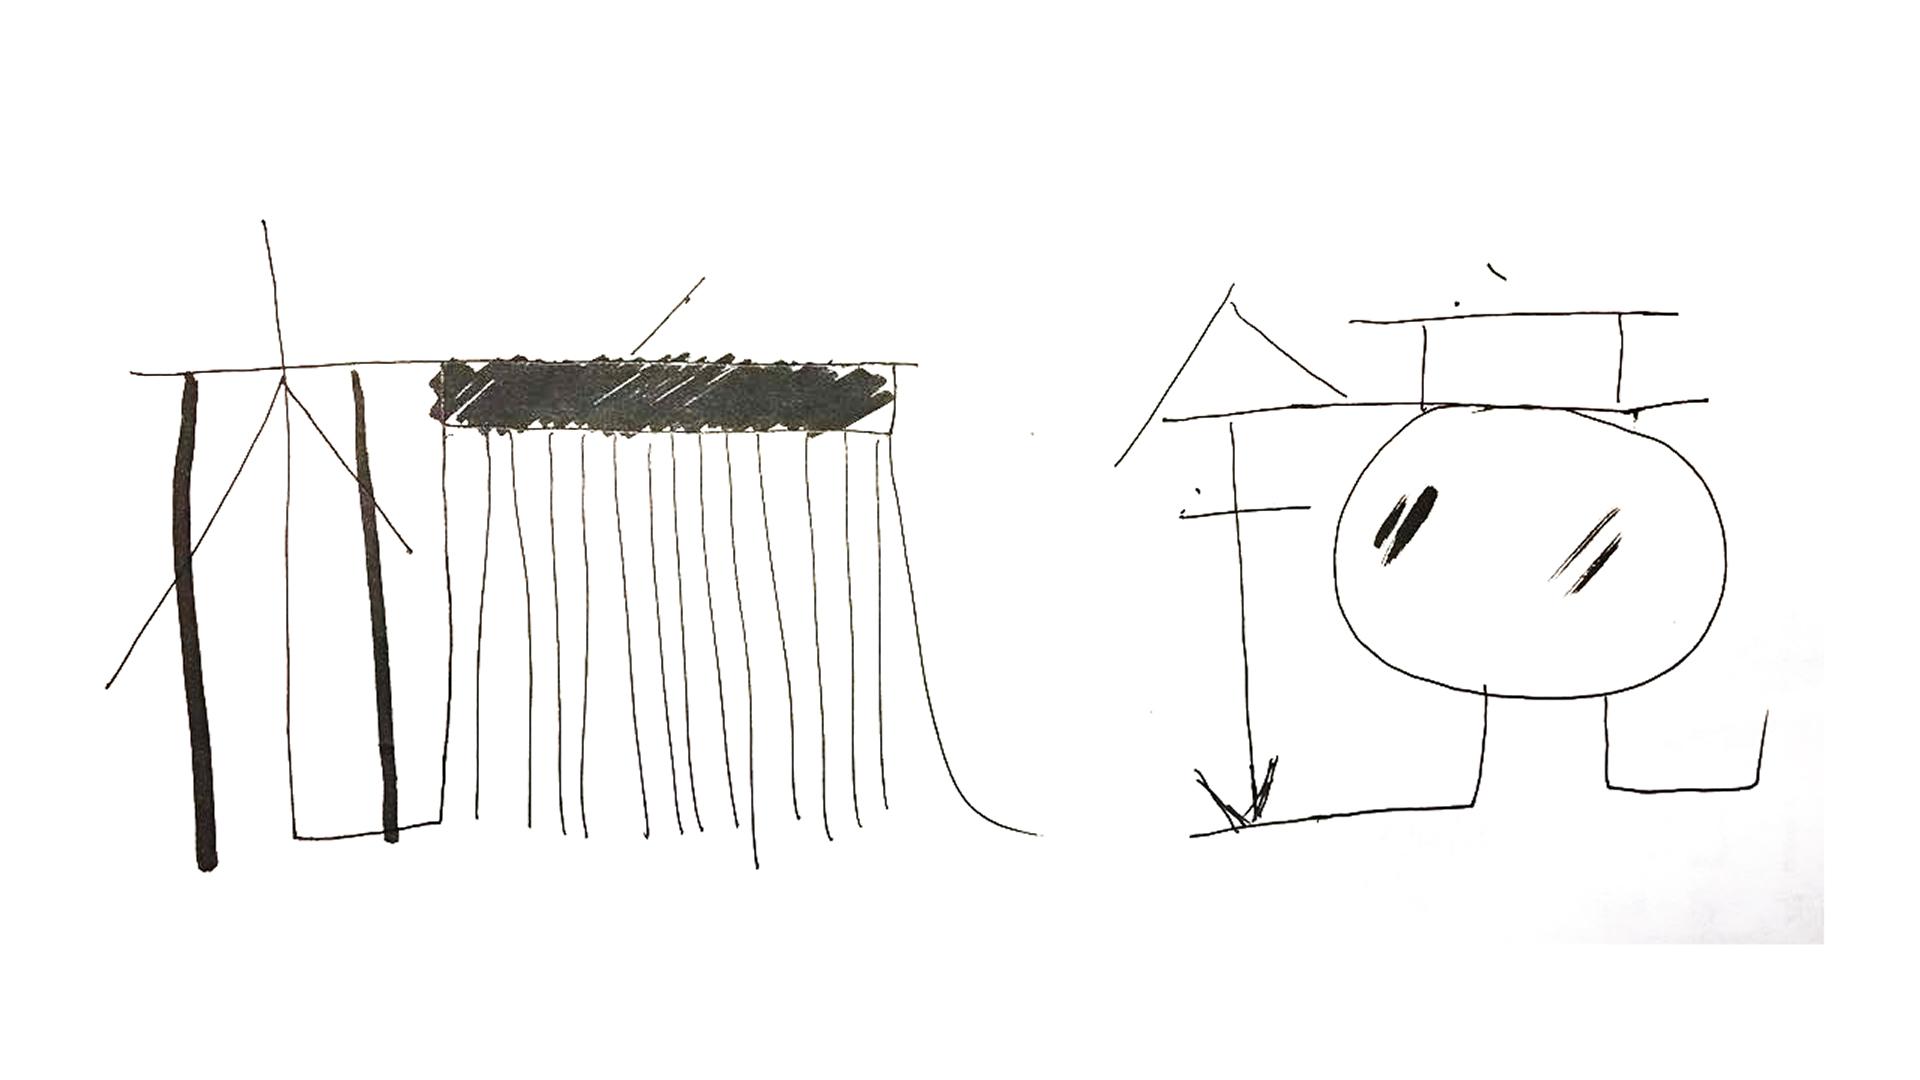 梳子创意画手绘